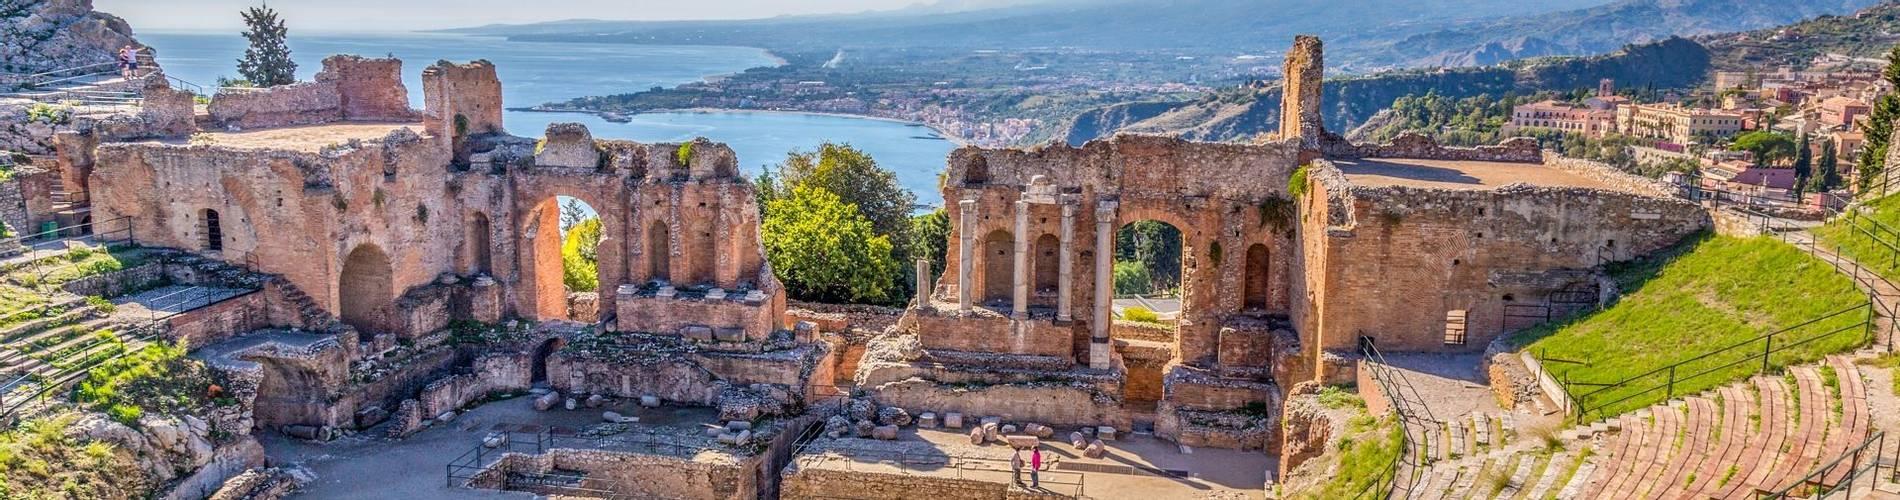 Taormina, Sicily.jpg